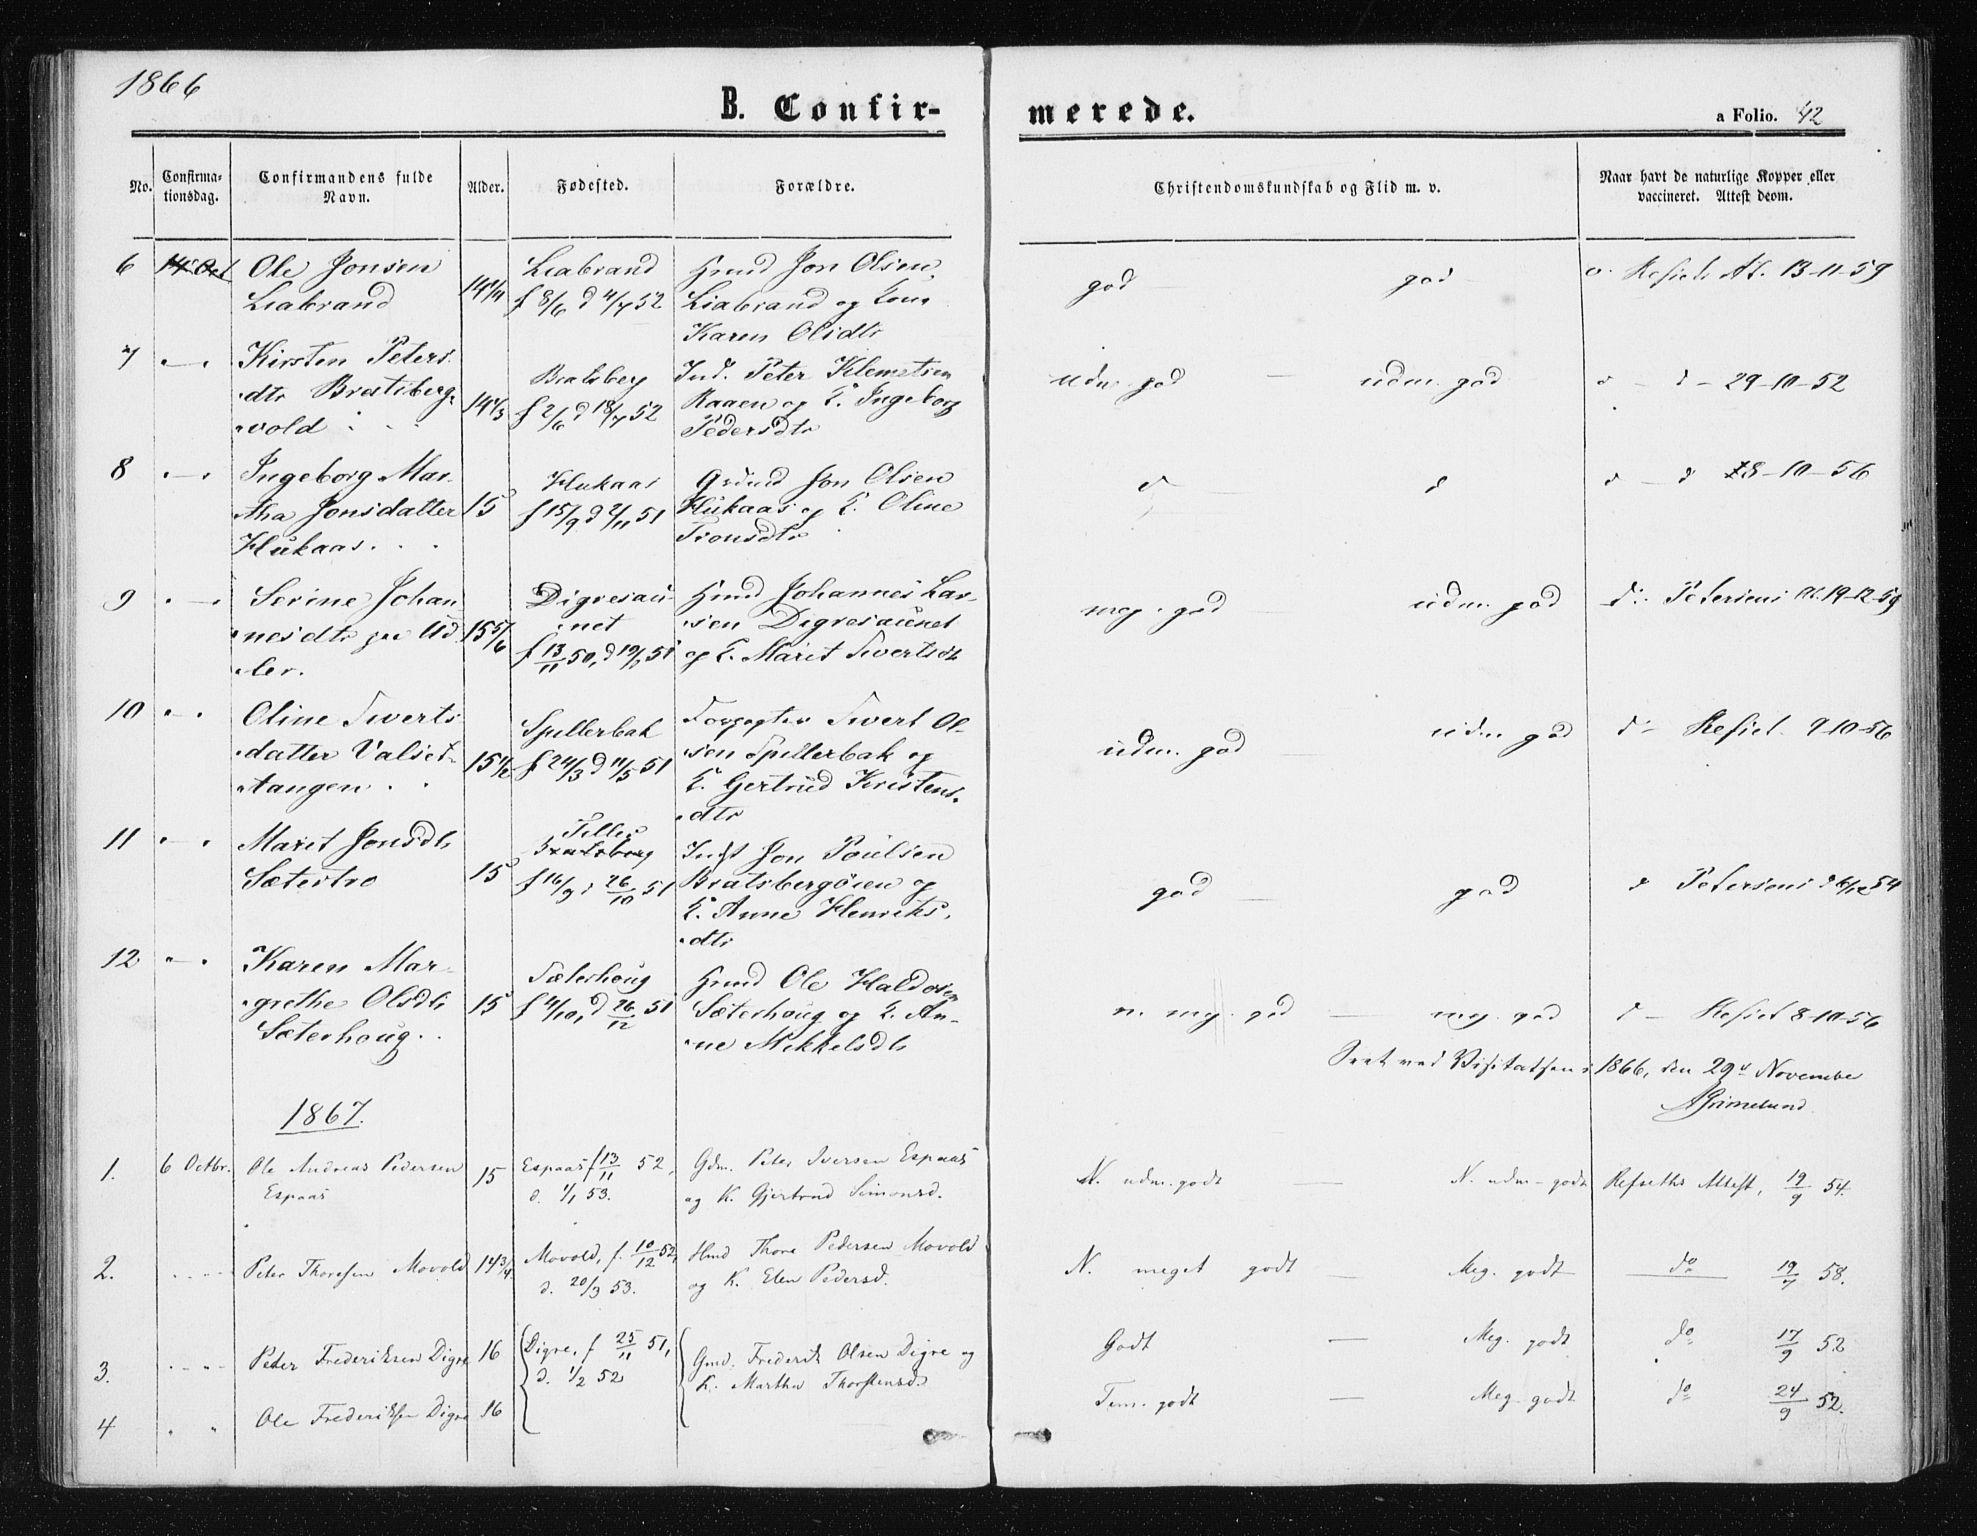 SAT, Ministerialprotokoller, klokkerbøker og fødselsregistre - Sør-Trøndelag, 608/L0333: Ministerialbok nr. 608A02, 1862-1876, s. 42